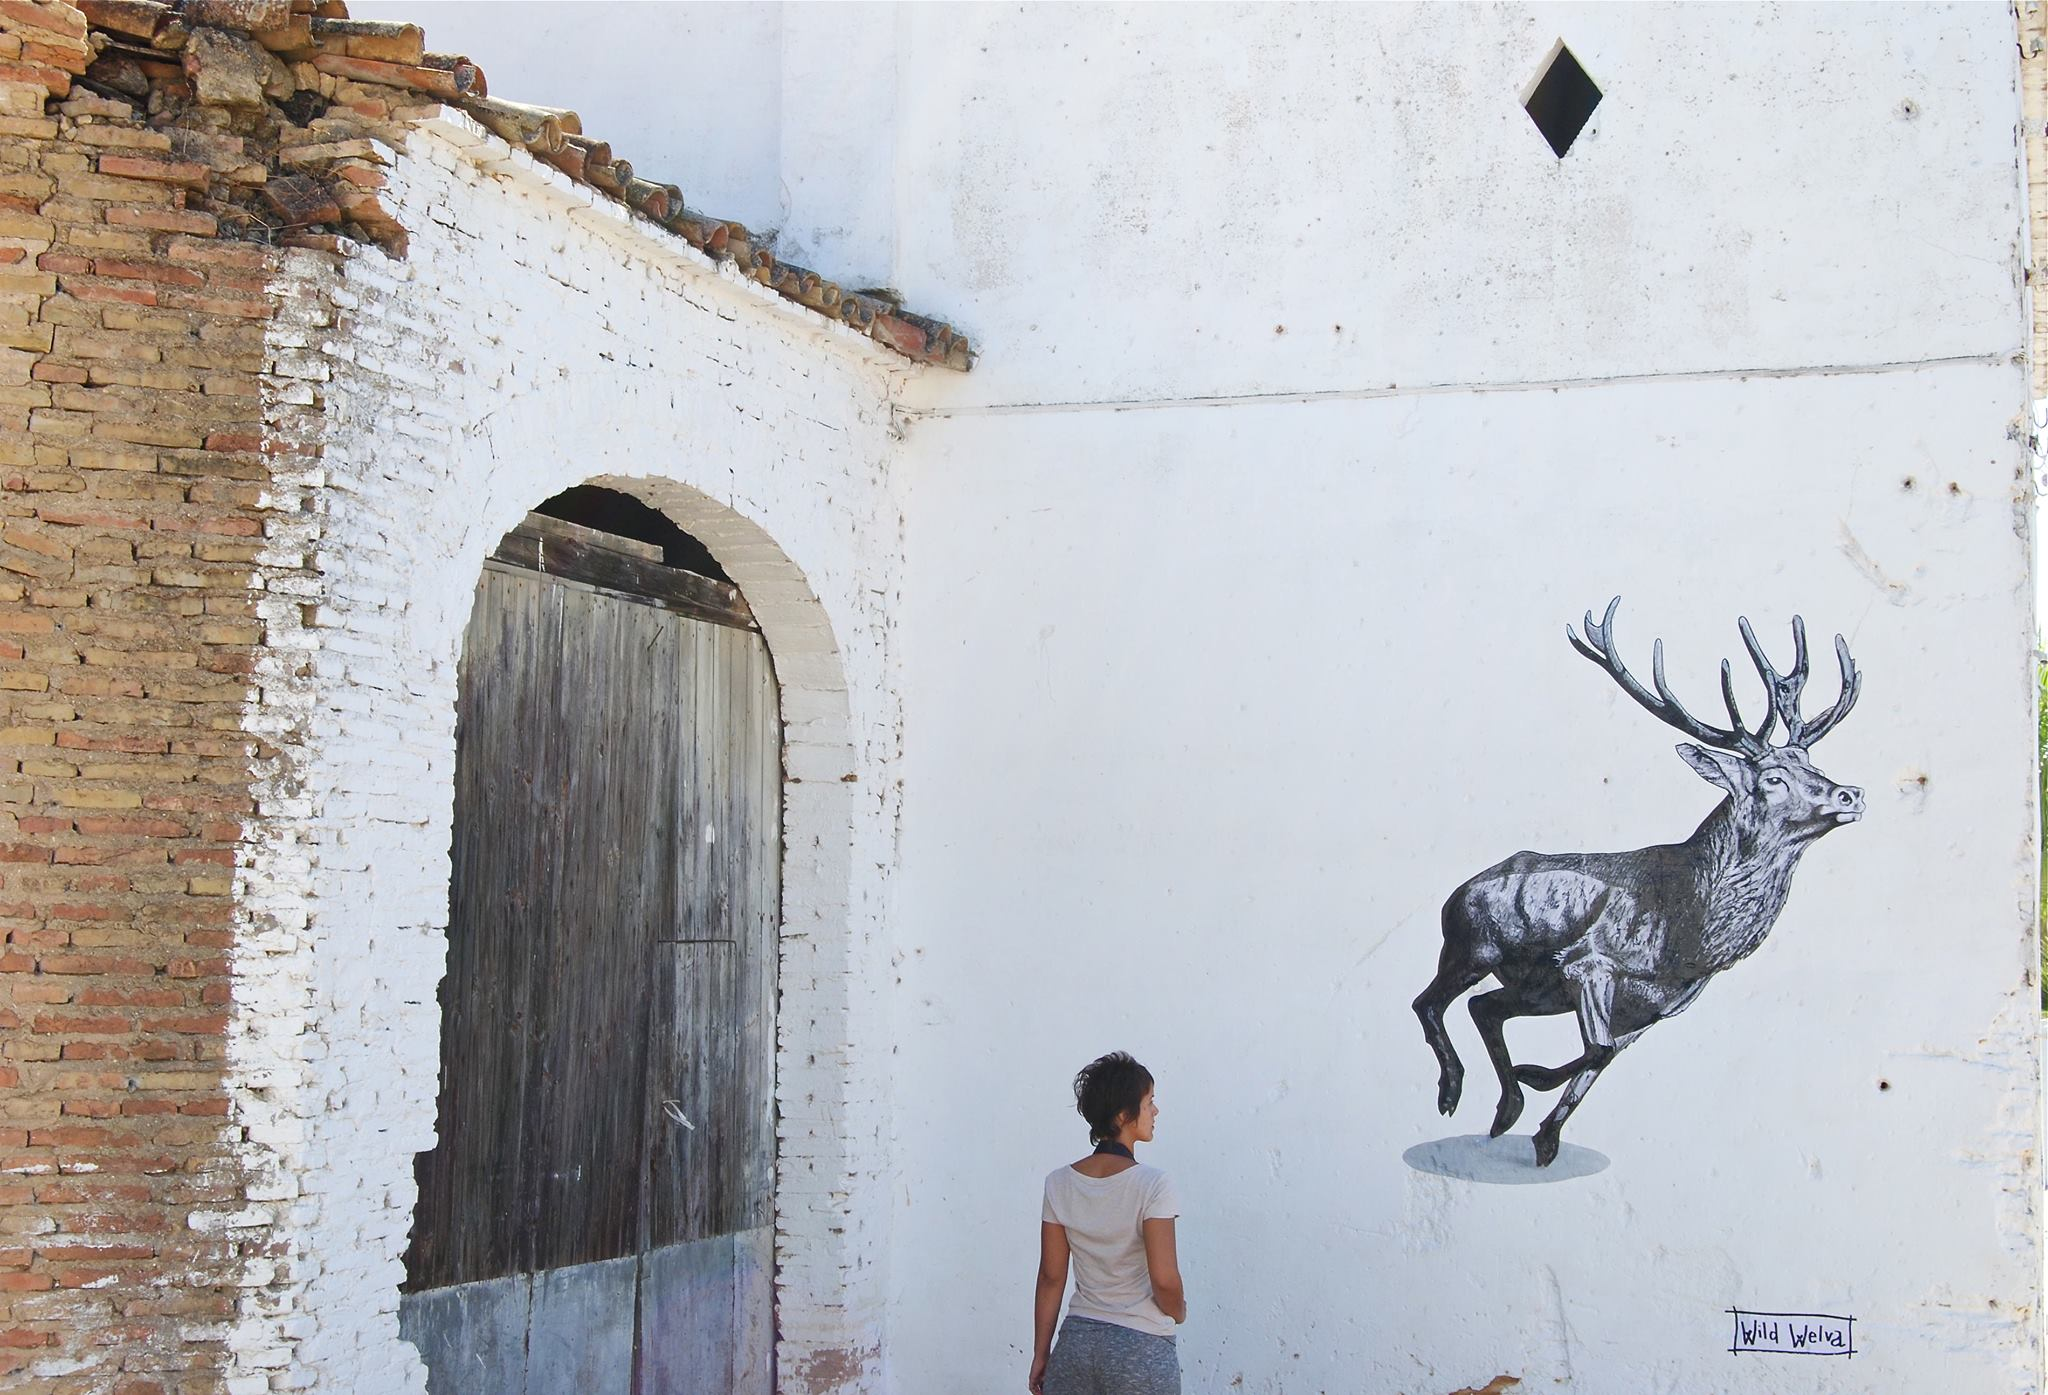 Wils Welva in Bonares, Spain